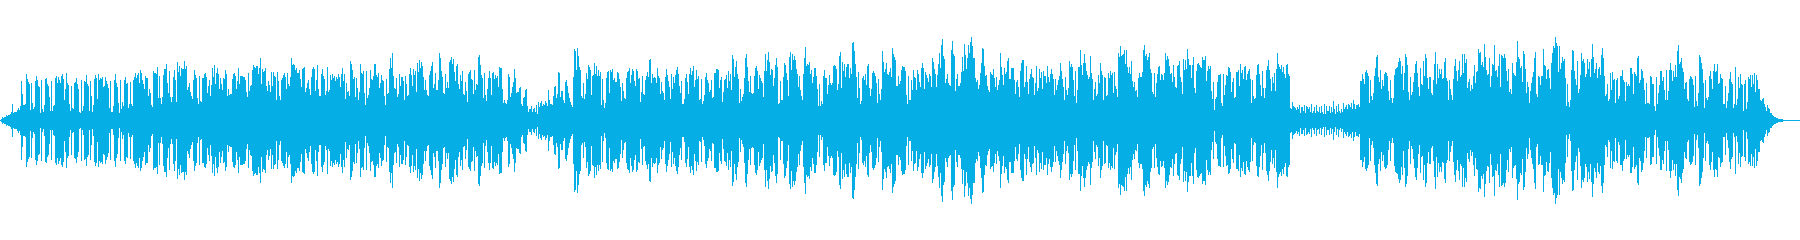 サウンドスケープ、ジャングルでの追...の再生済みの波形